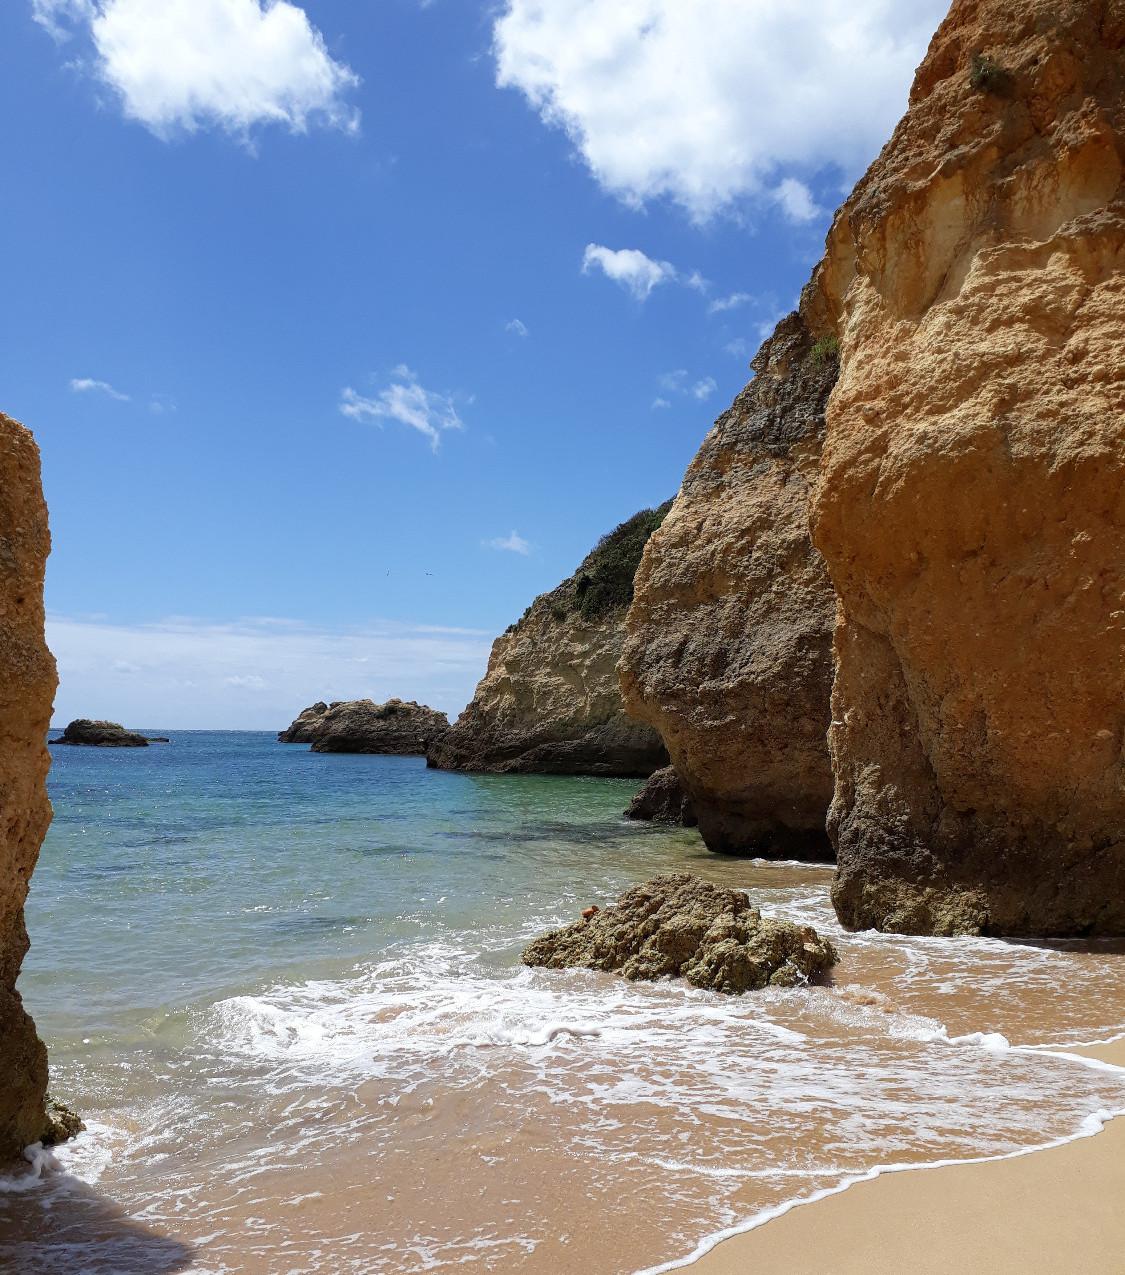 Praia do Barranco das Carnas